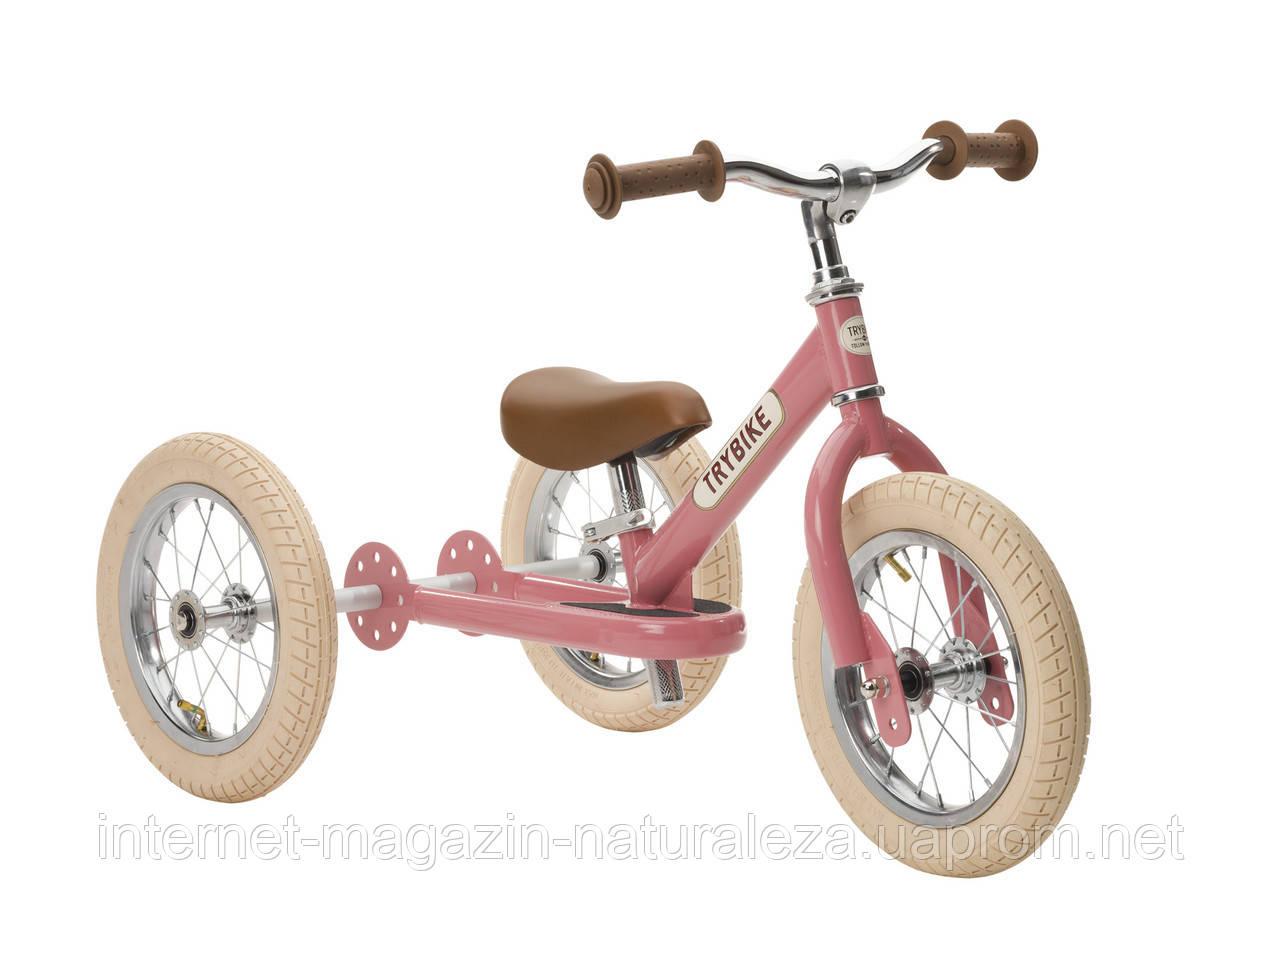 Дитячий беговел триколісний ТМ Trybike